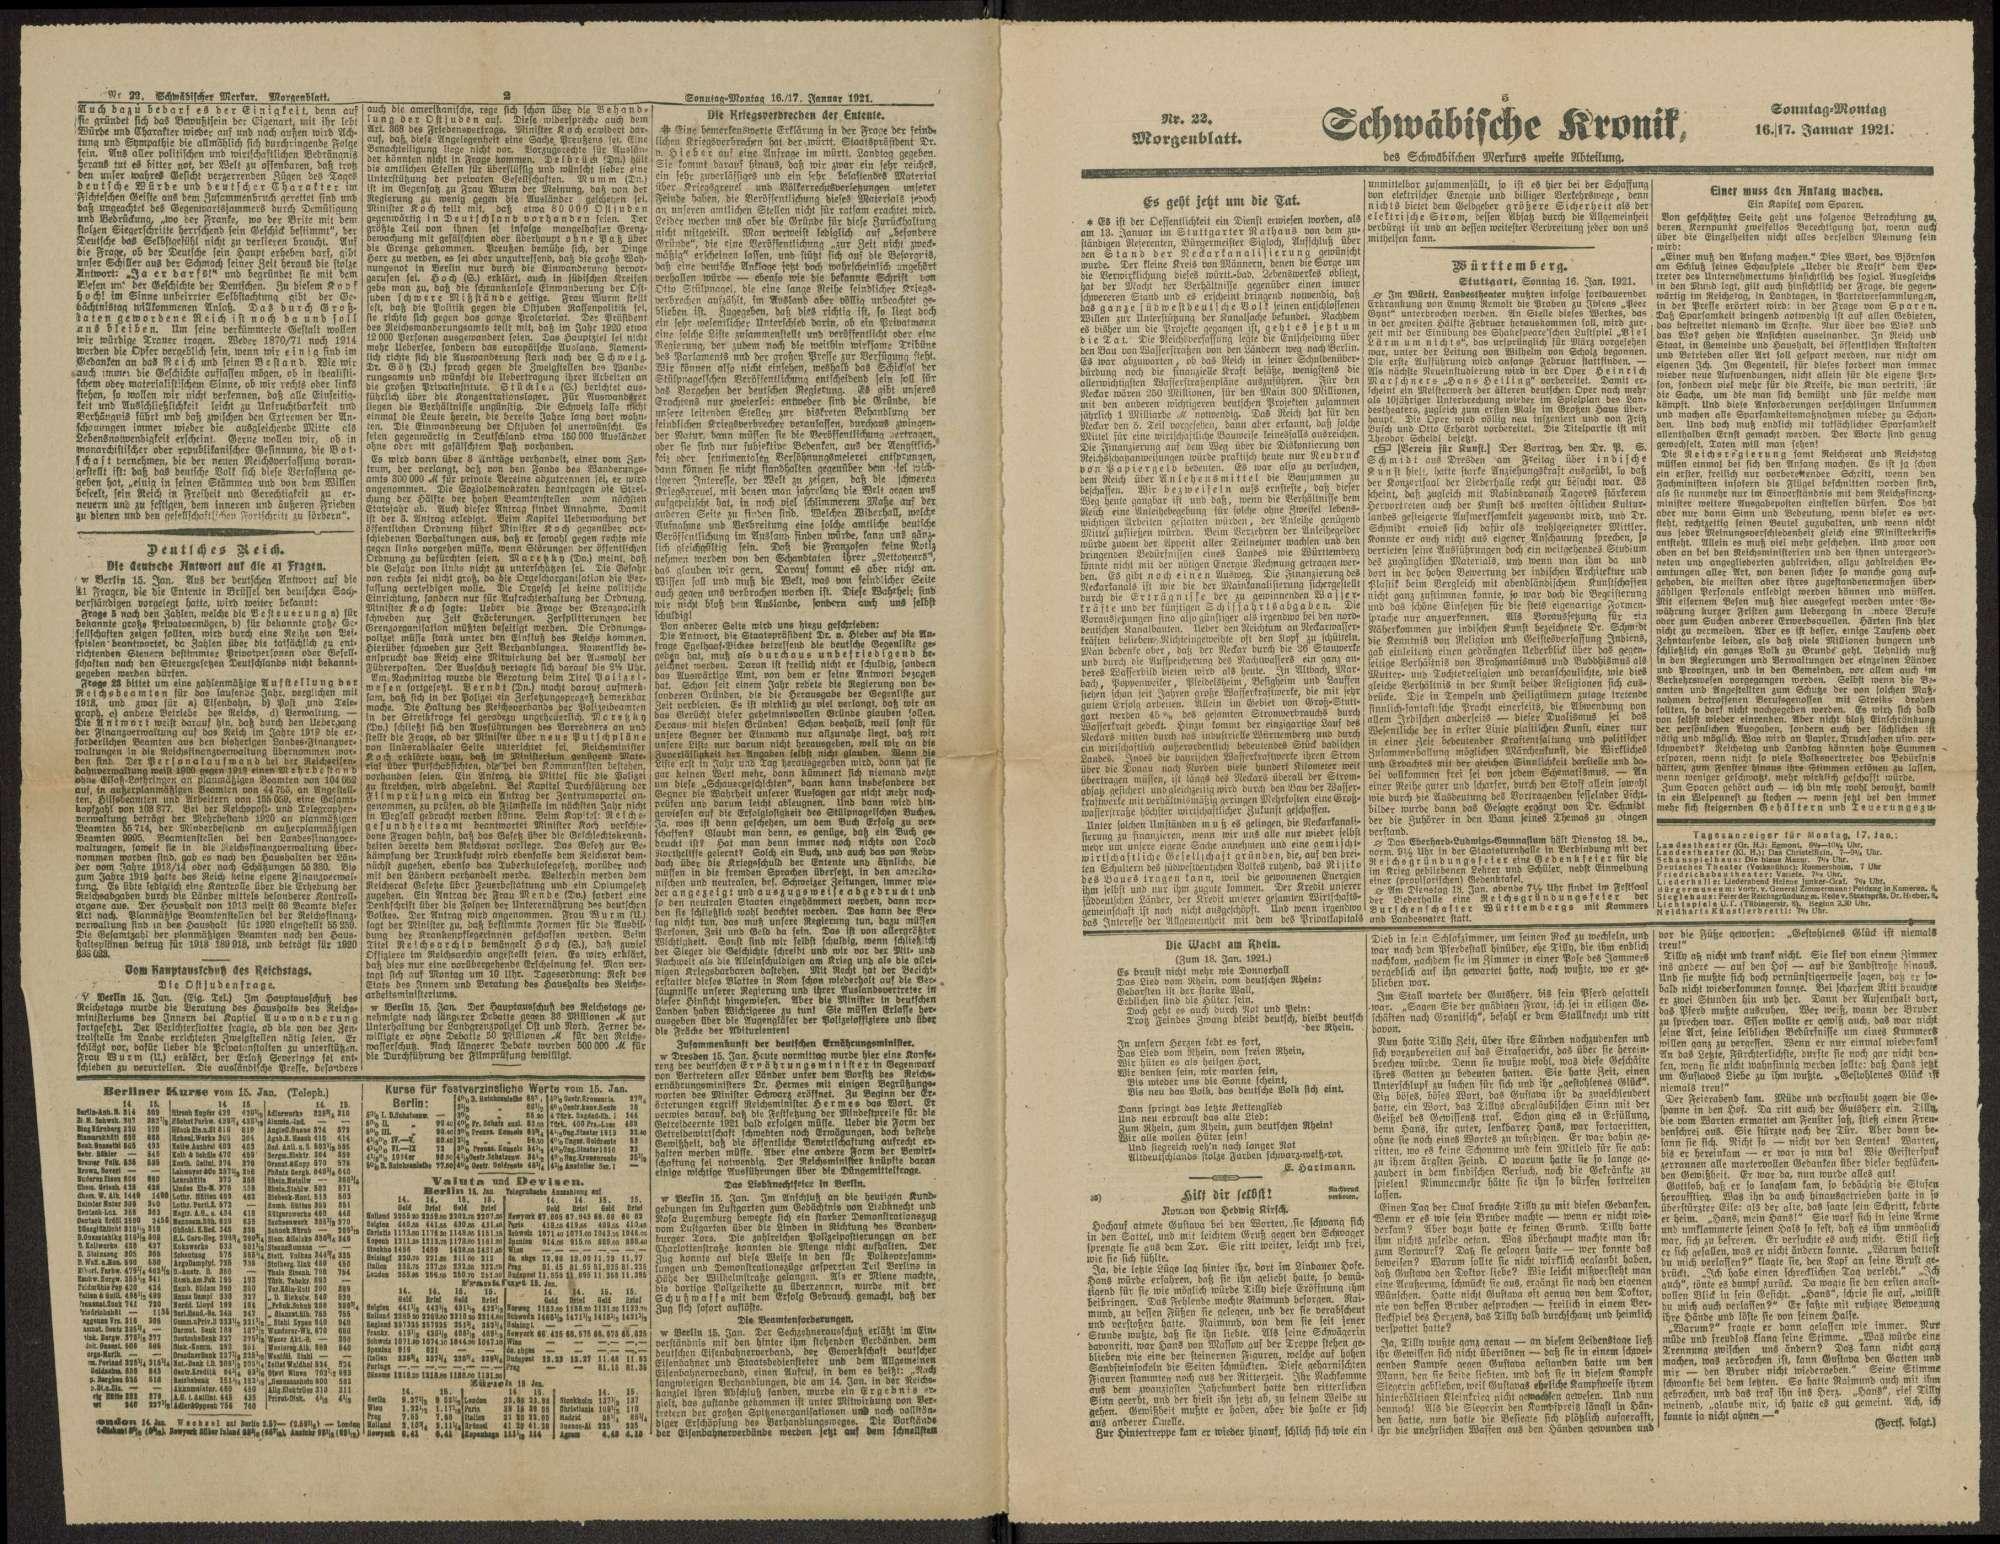 Veröffentlichungen von Weizsäcker. Schreiben, Druckschriften, Zeitungsausschnitte, Bild 3